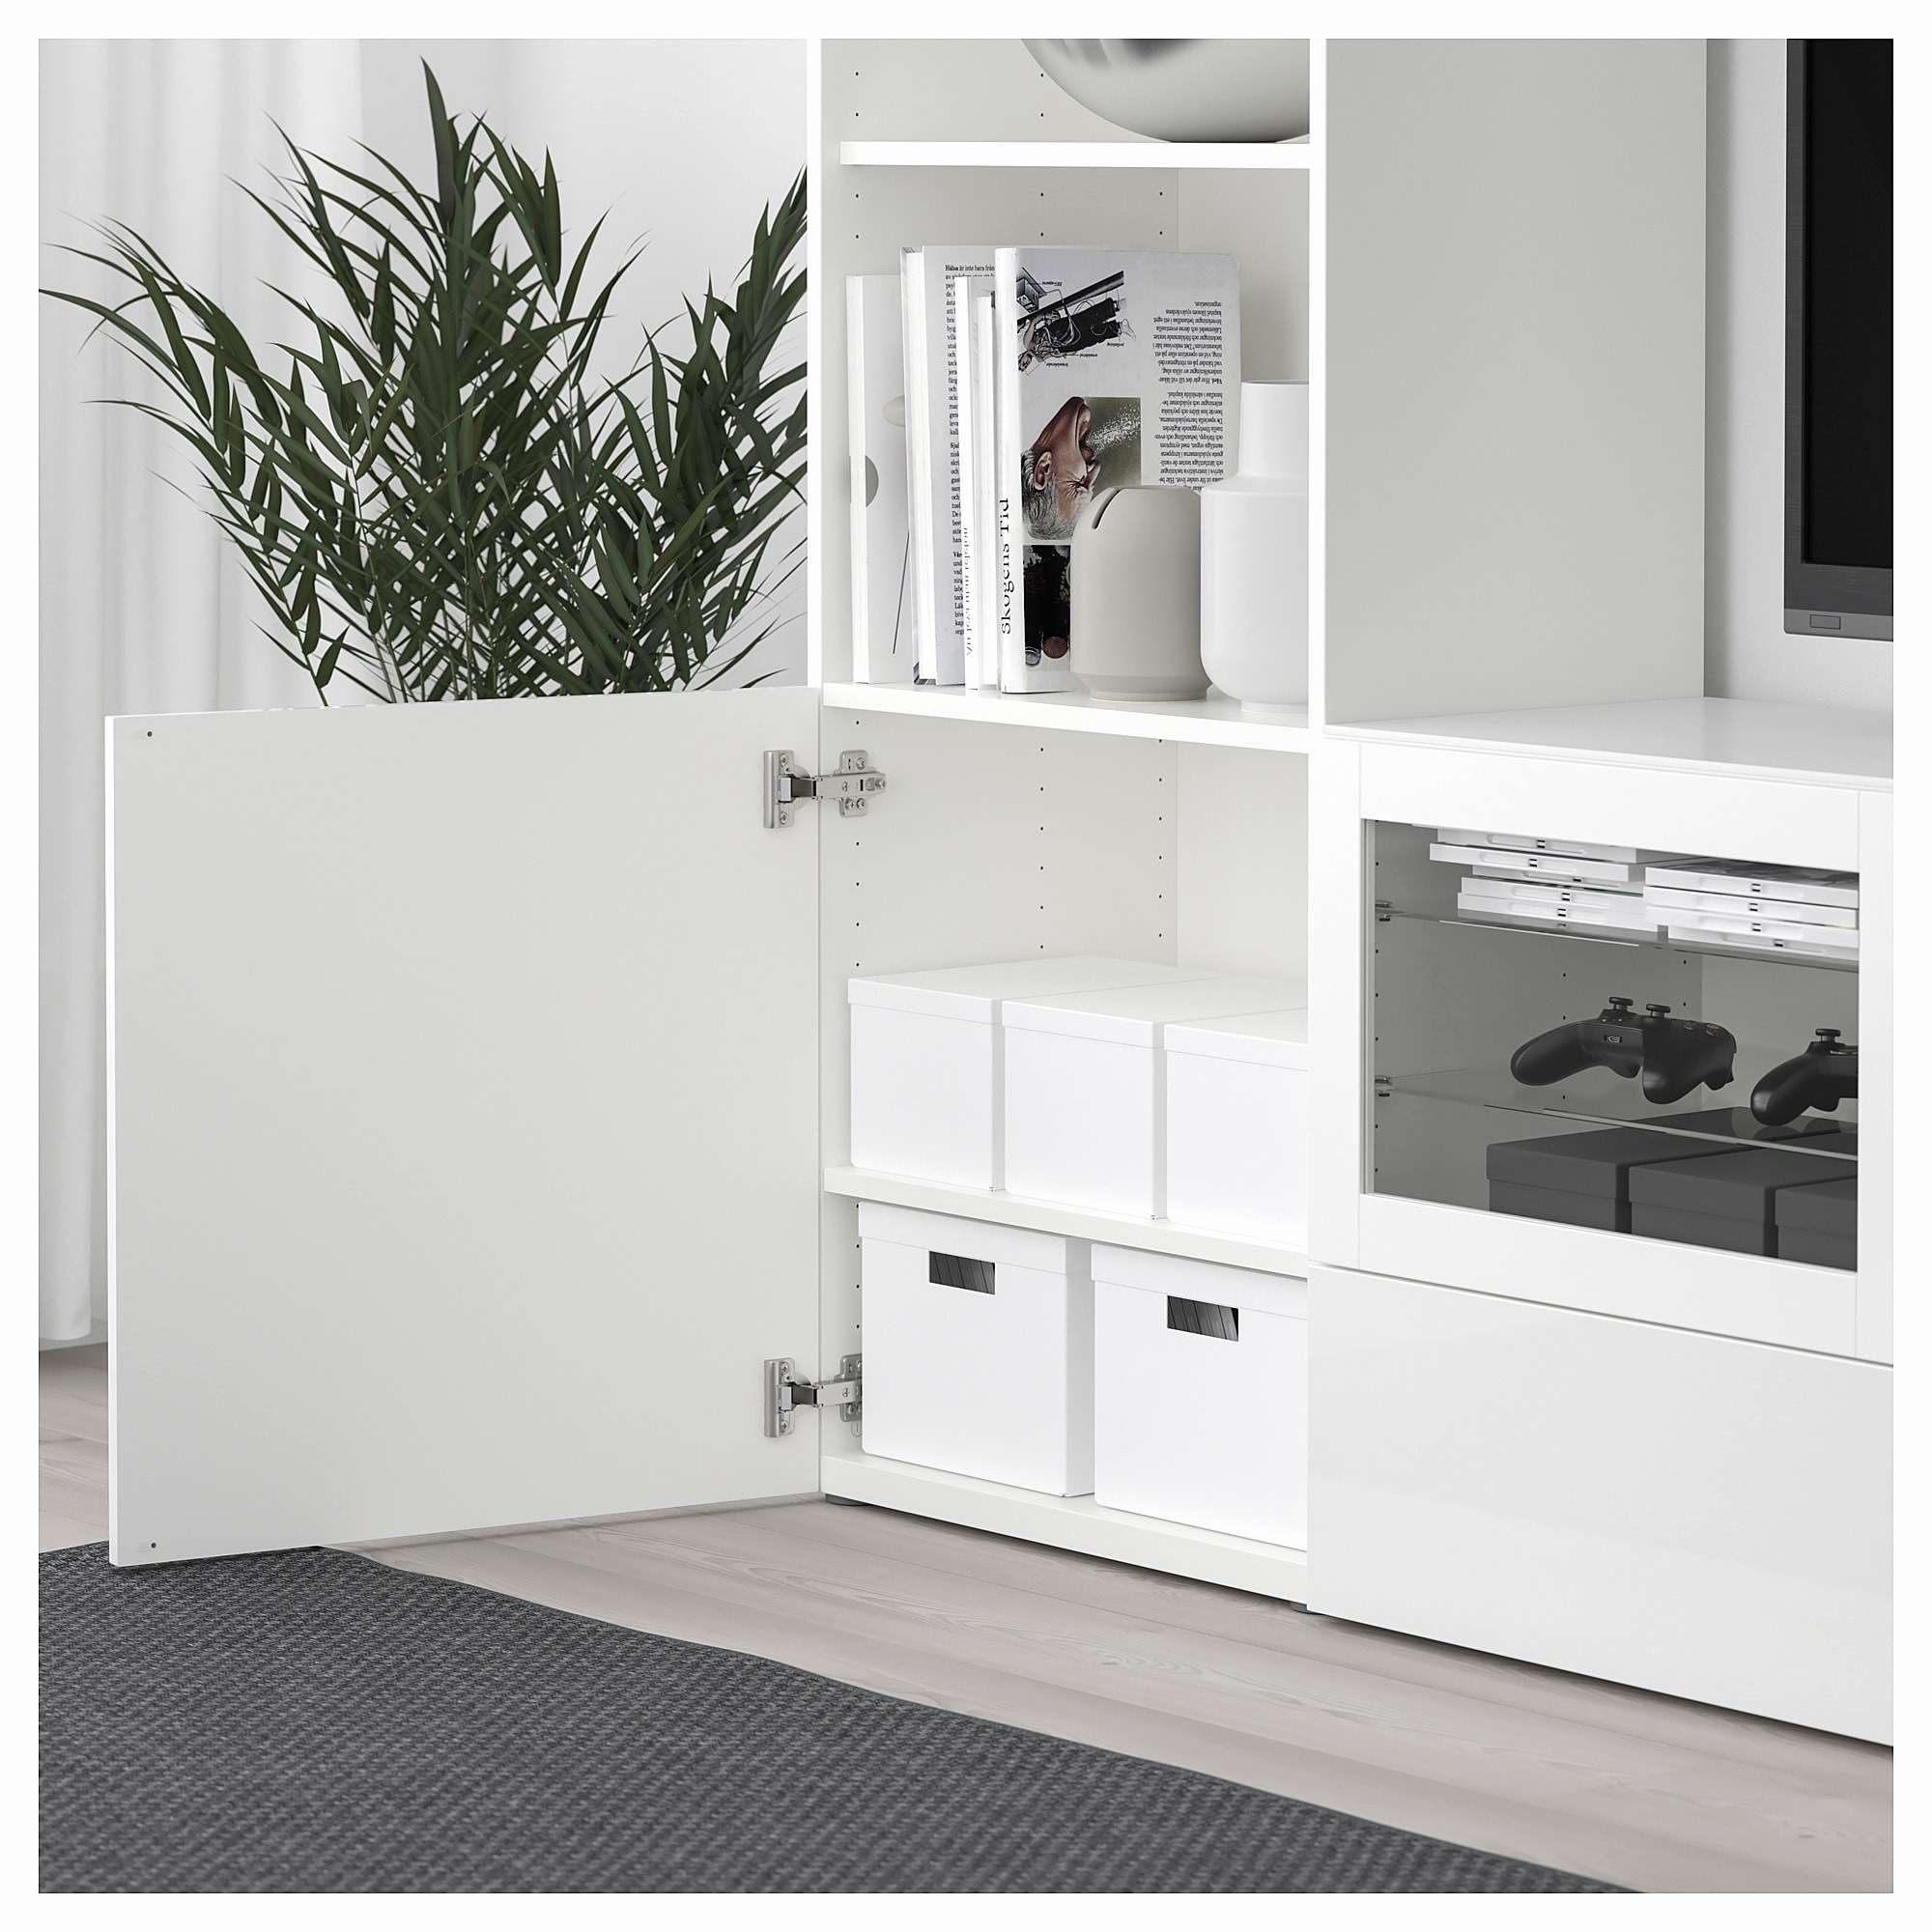 Inspirierend Ikea Linz